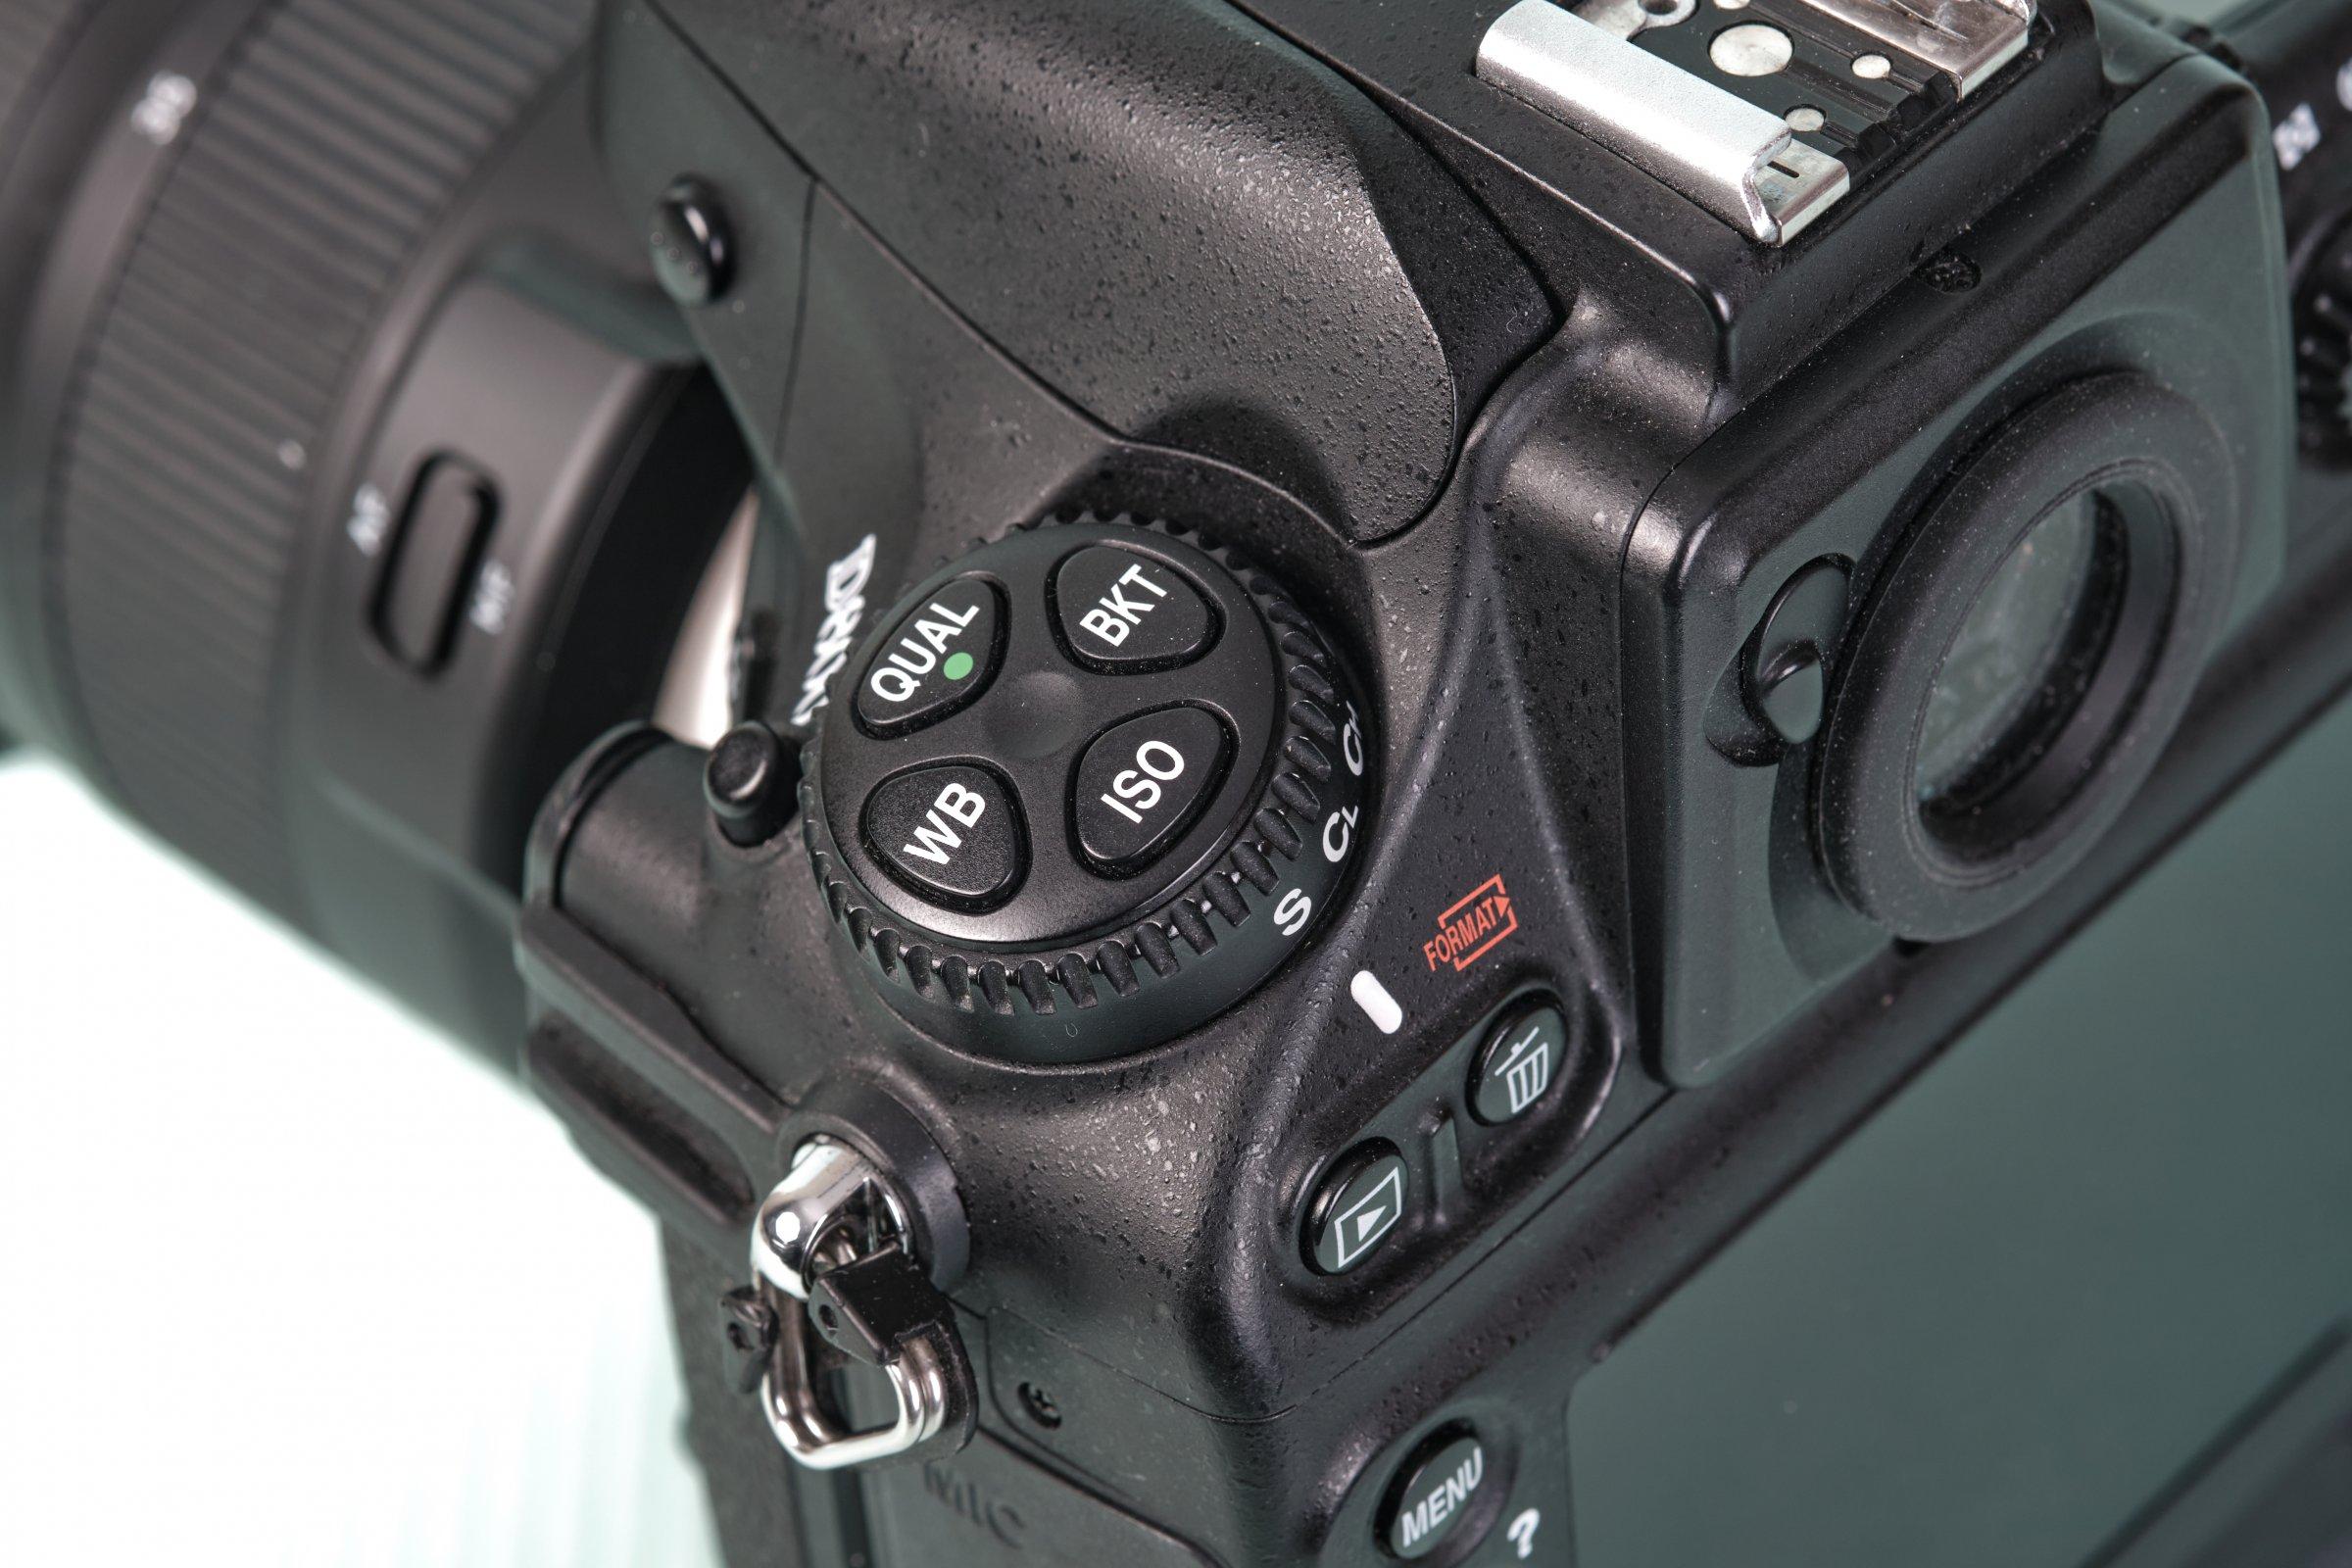 DSCF9631 1.jpg